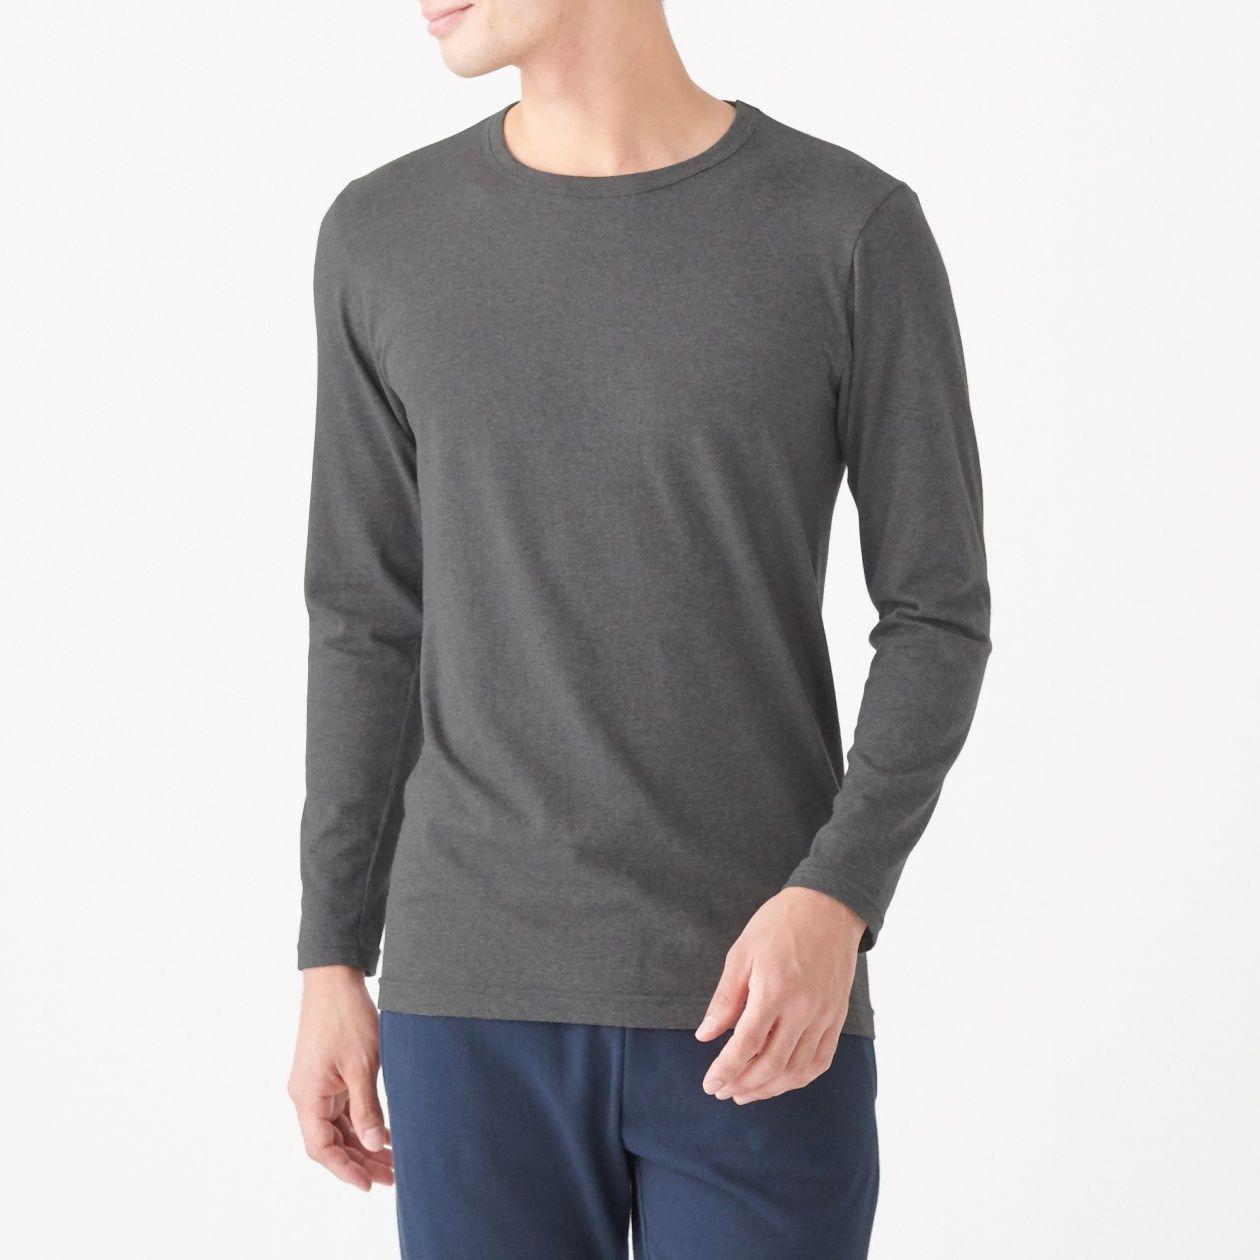 綿であったかクルーネック長袖Tシャツスタイル写真